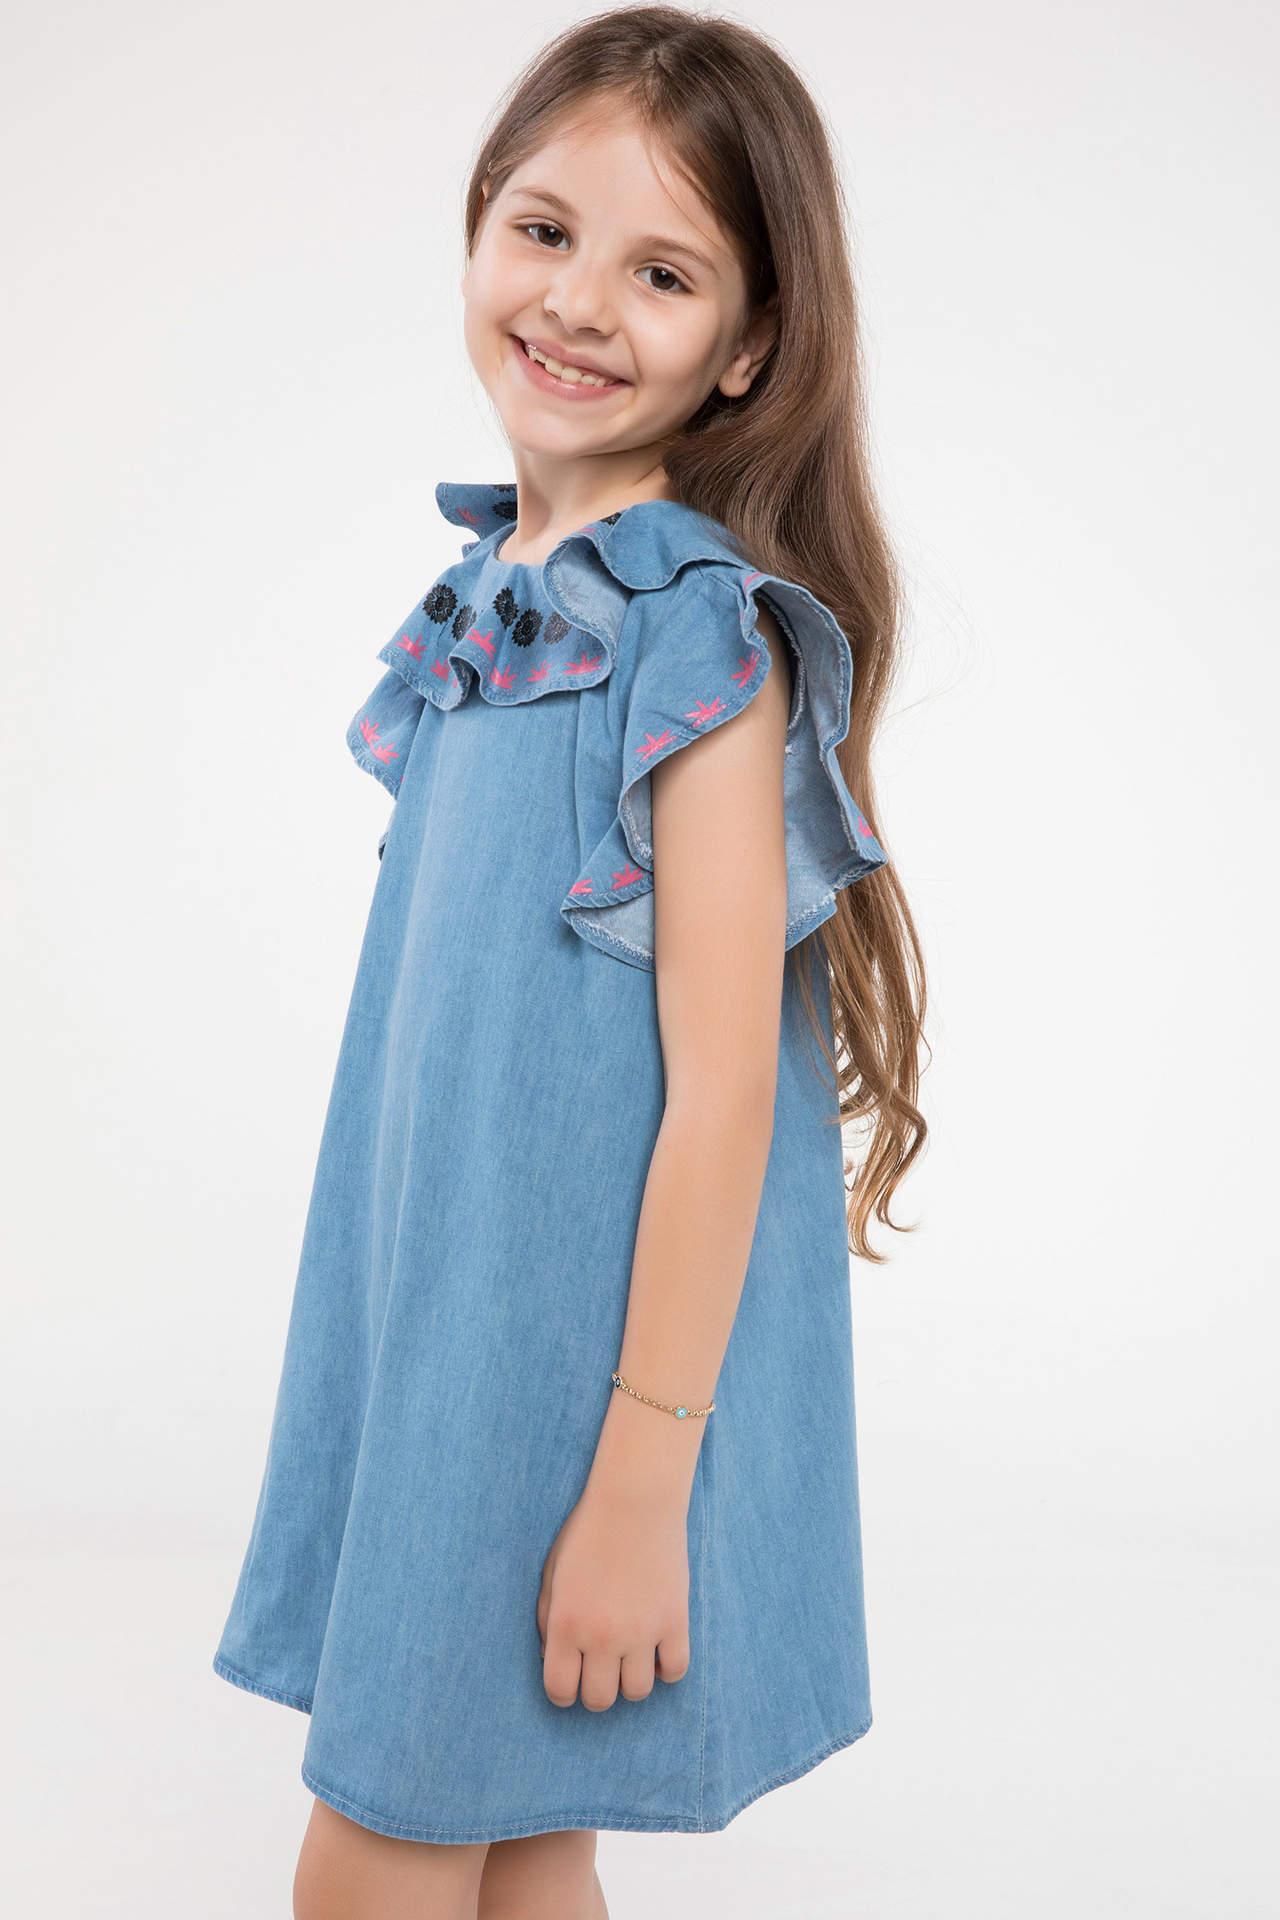 DeFacto Kız Çocuk Kol ve Yaka Fırfır Detaylı Jean Elbise Mavi female